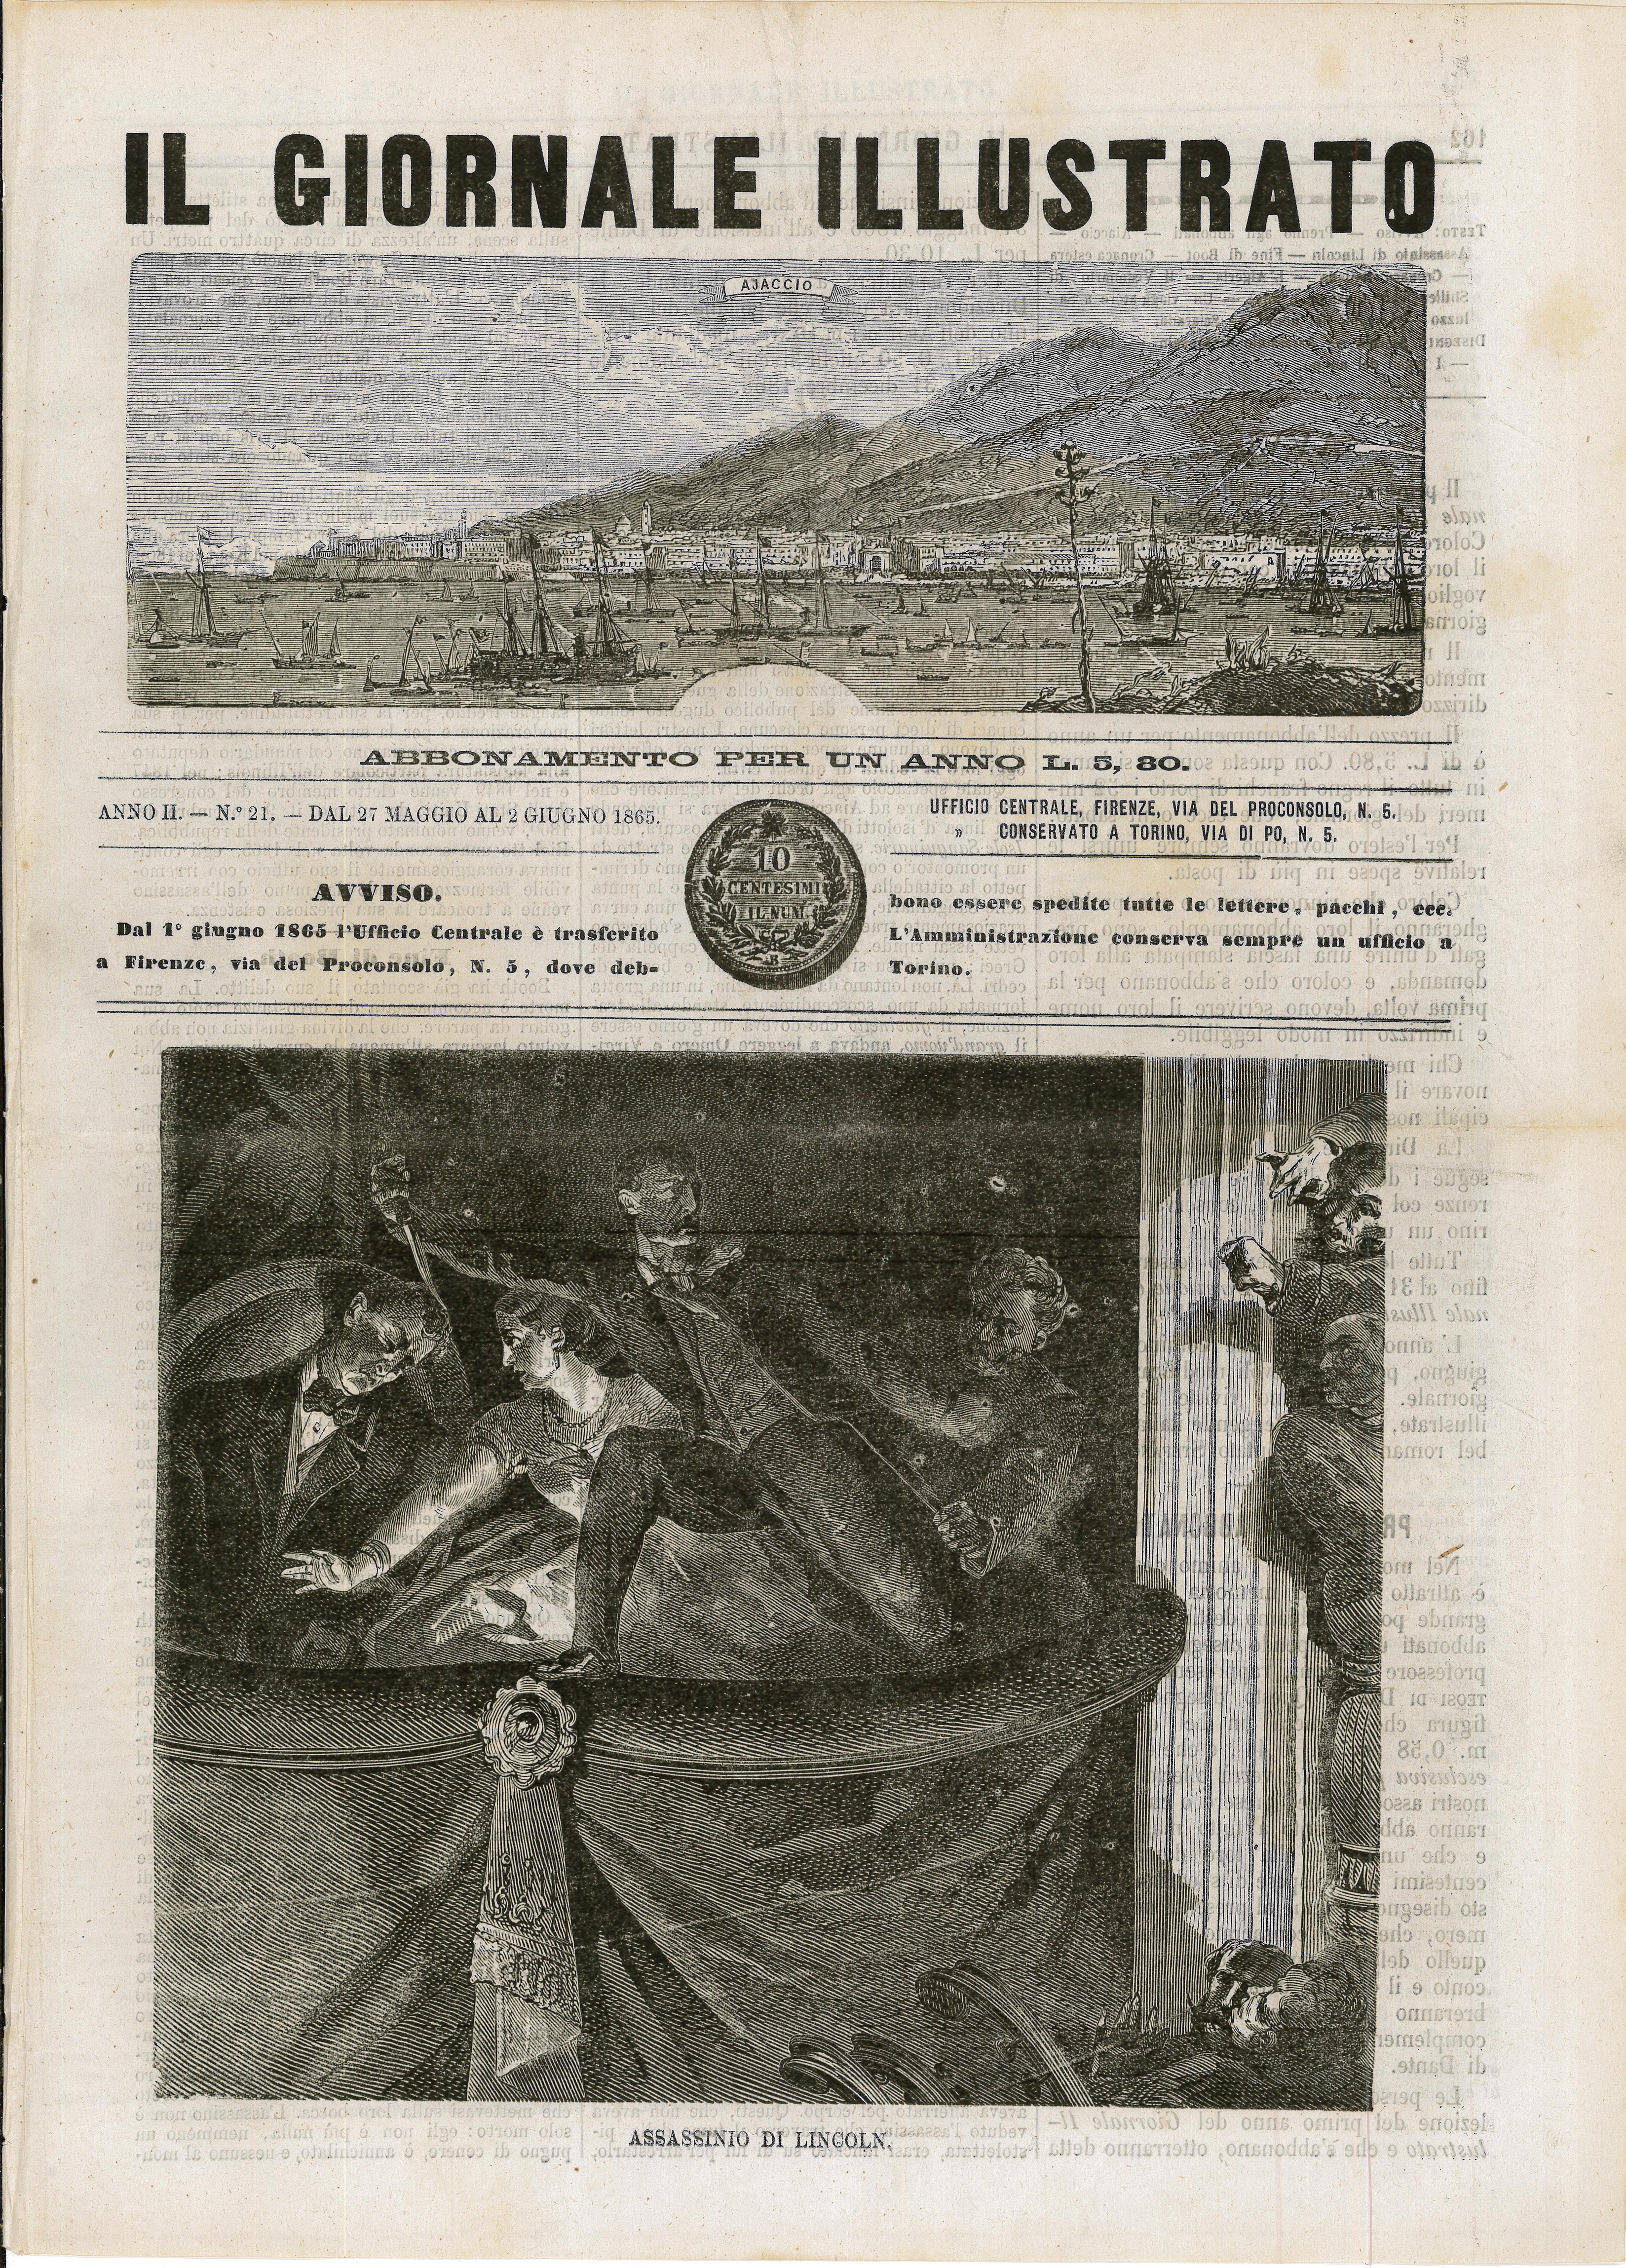 Newspaper – Il Giornale Illustrato pg 1